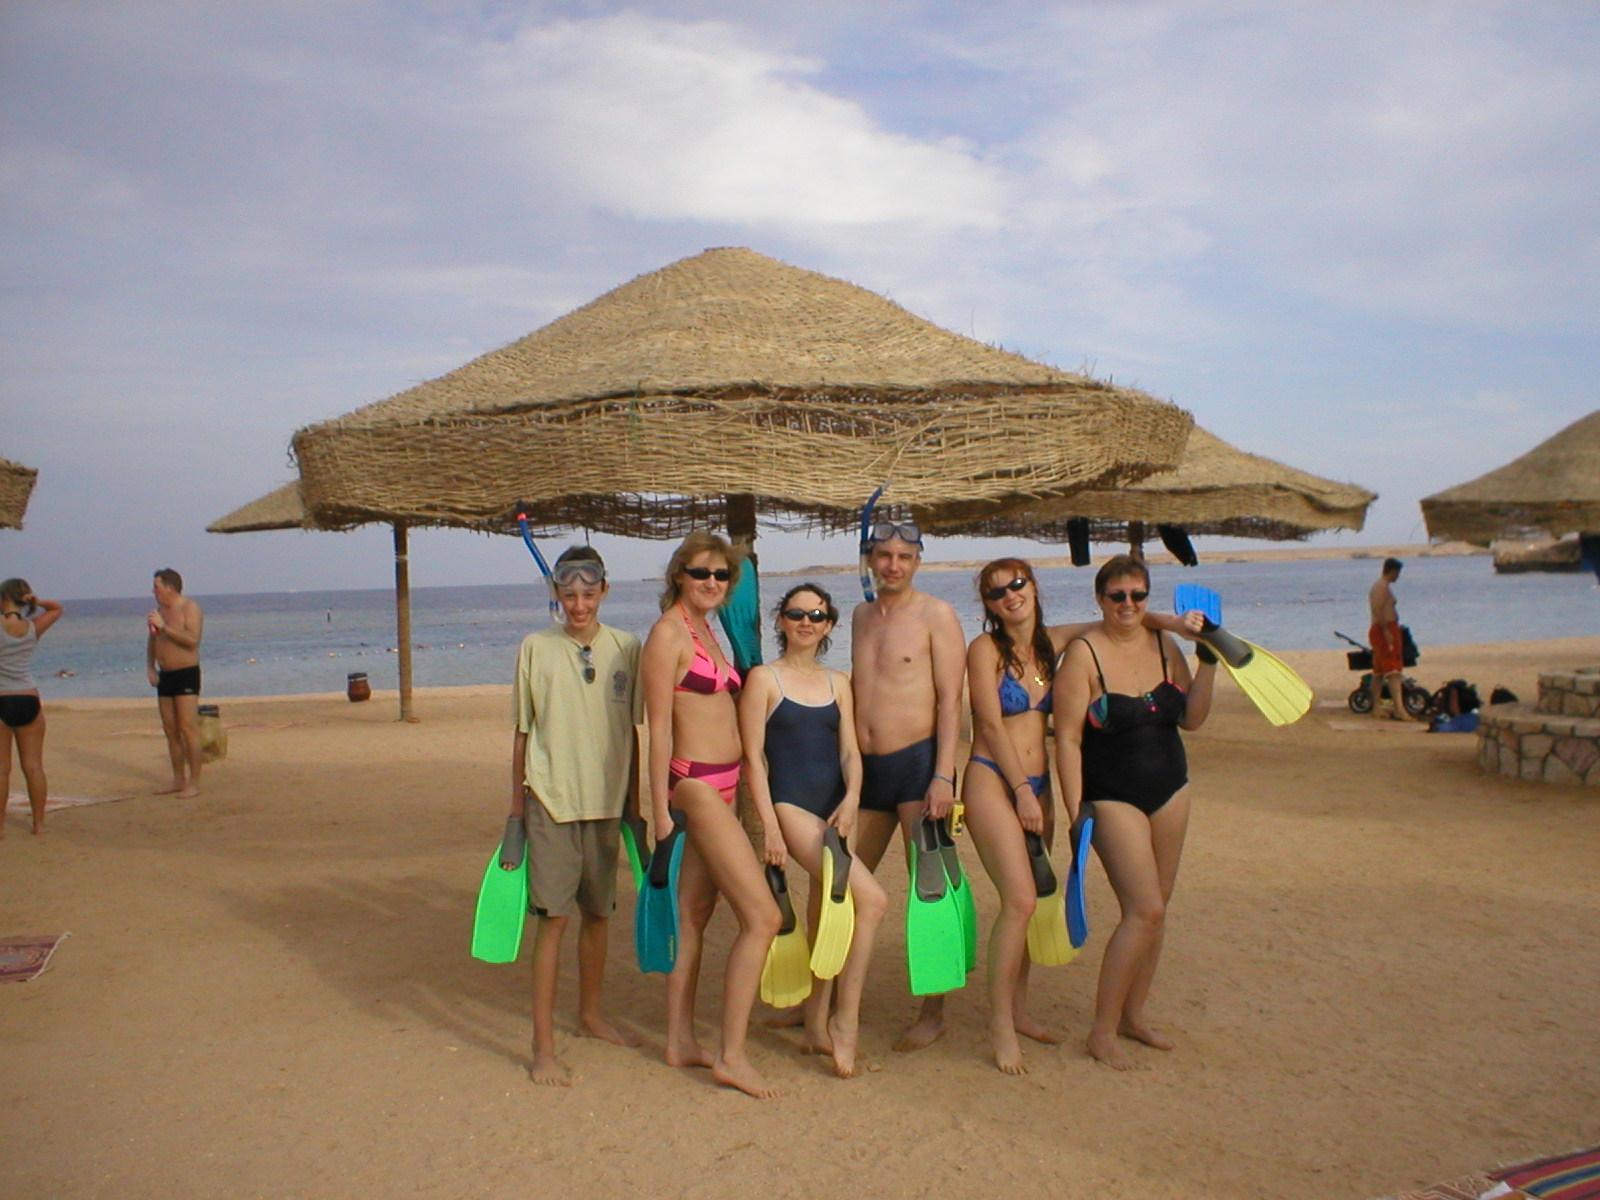 Фото девушек на пляже египте